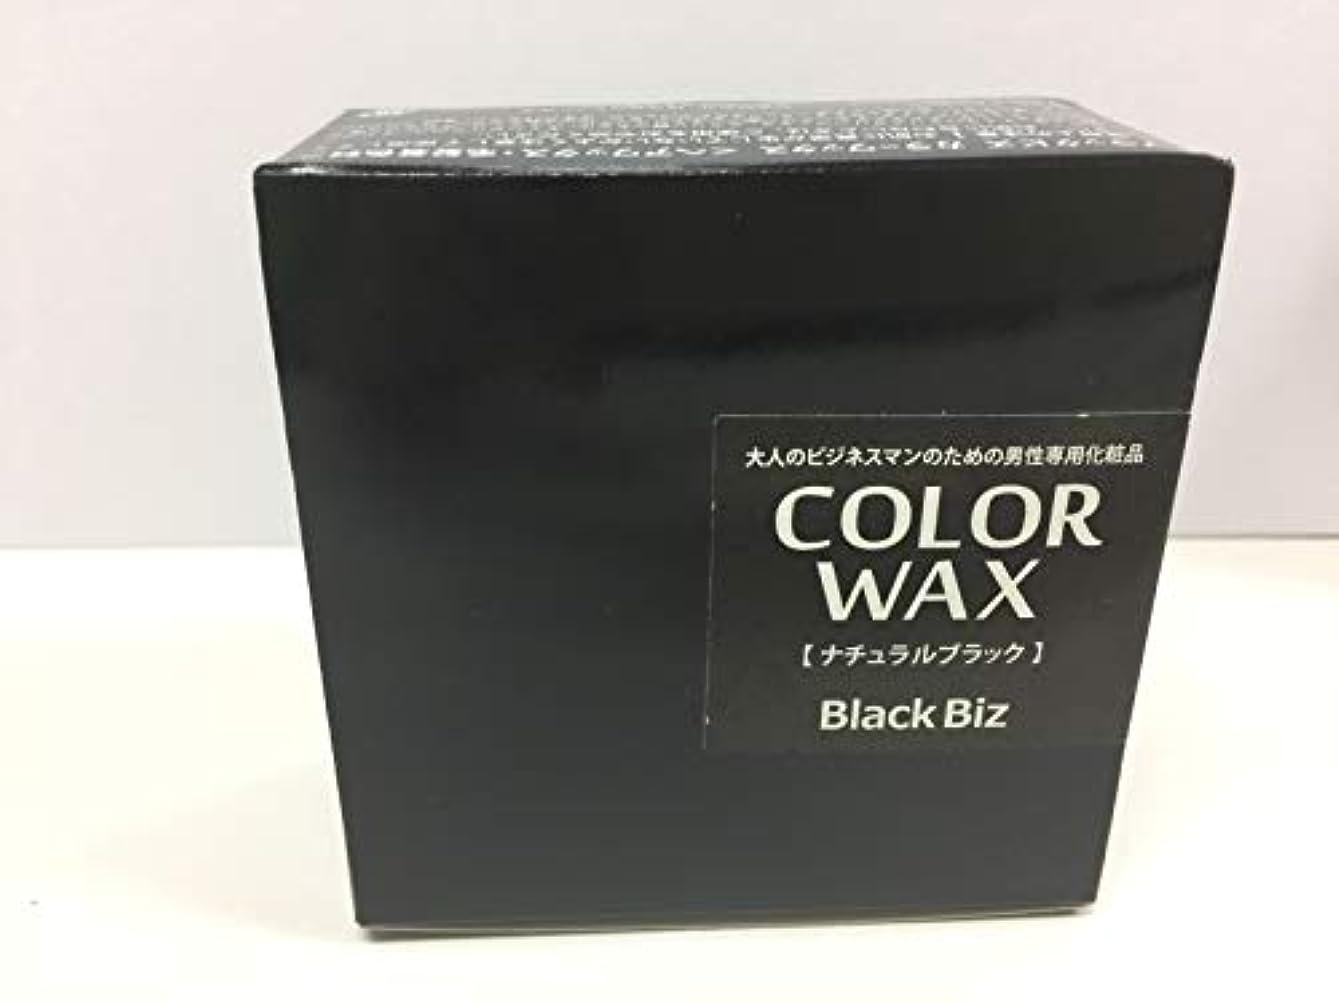 珍味メニュー変化大人のビジネスマンのための男性専用化粧品 BlackBiz COLOR WAX ブラックビズ カラーワックス 【ナチュラルブラック】